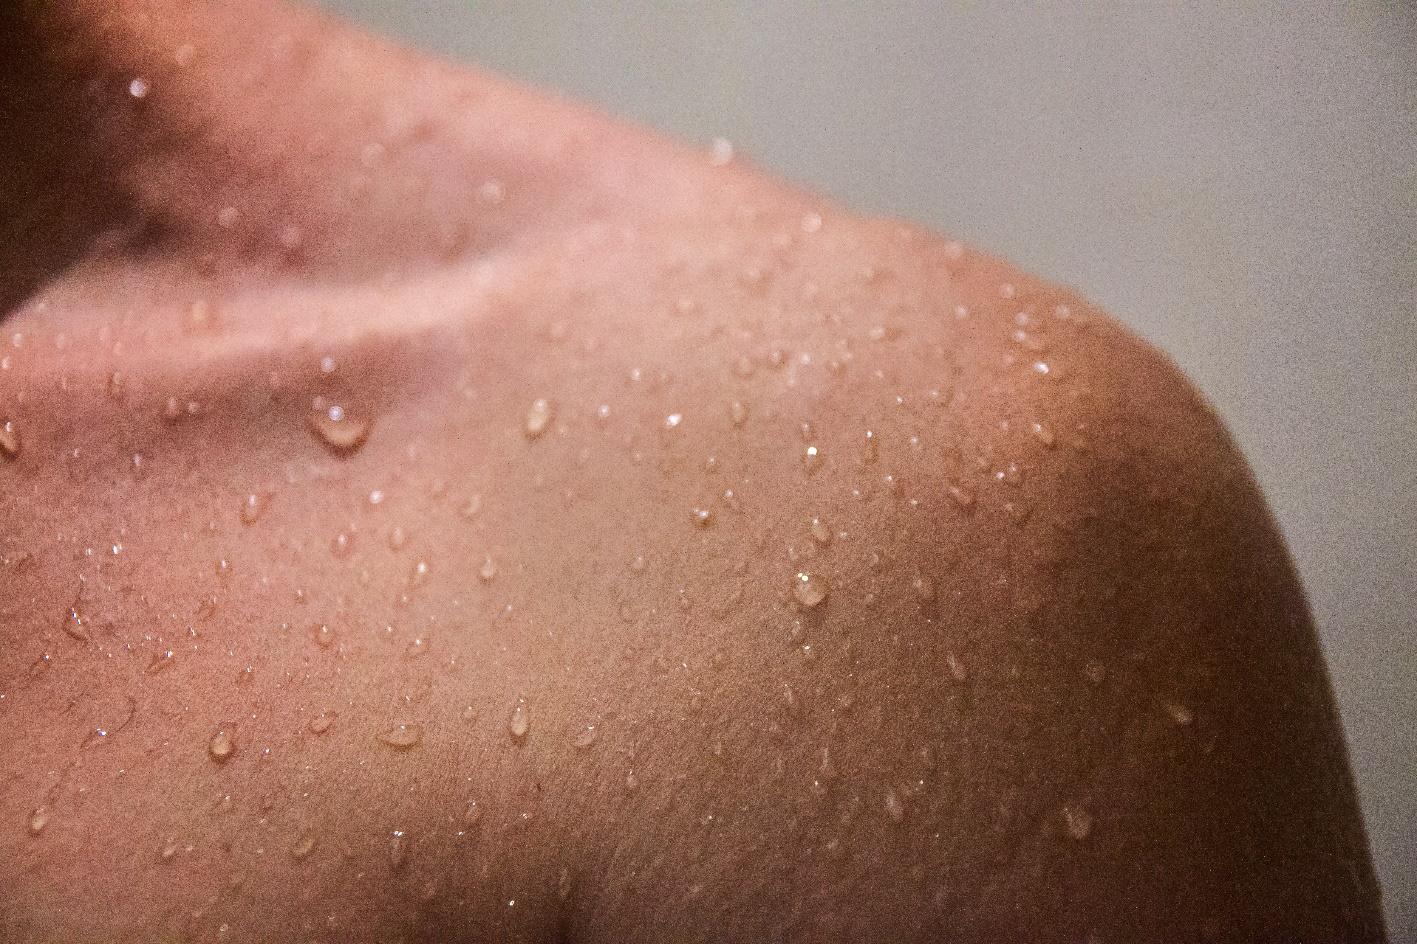 """Chỉ cần một bước làm sạch đúng cách, da bạn sẽ """"lên hương"""" - Ảnh 3."""